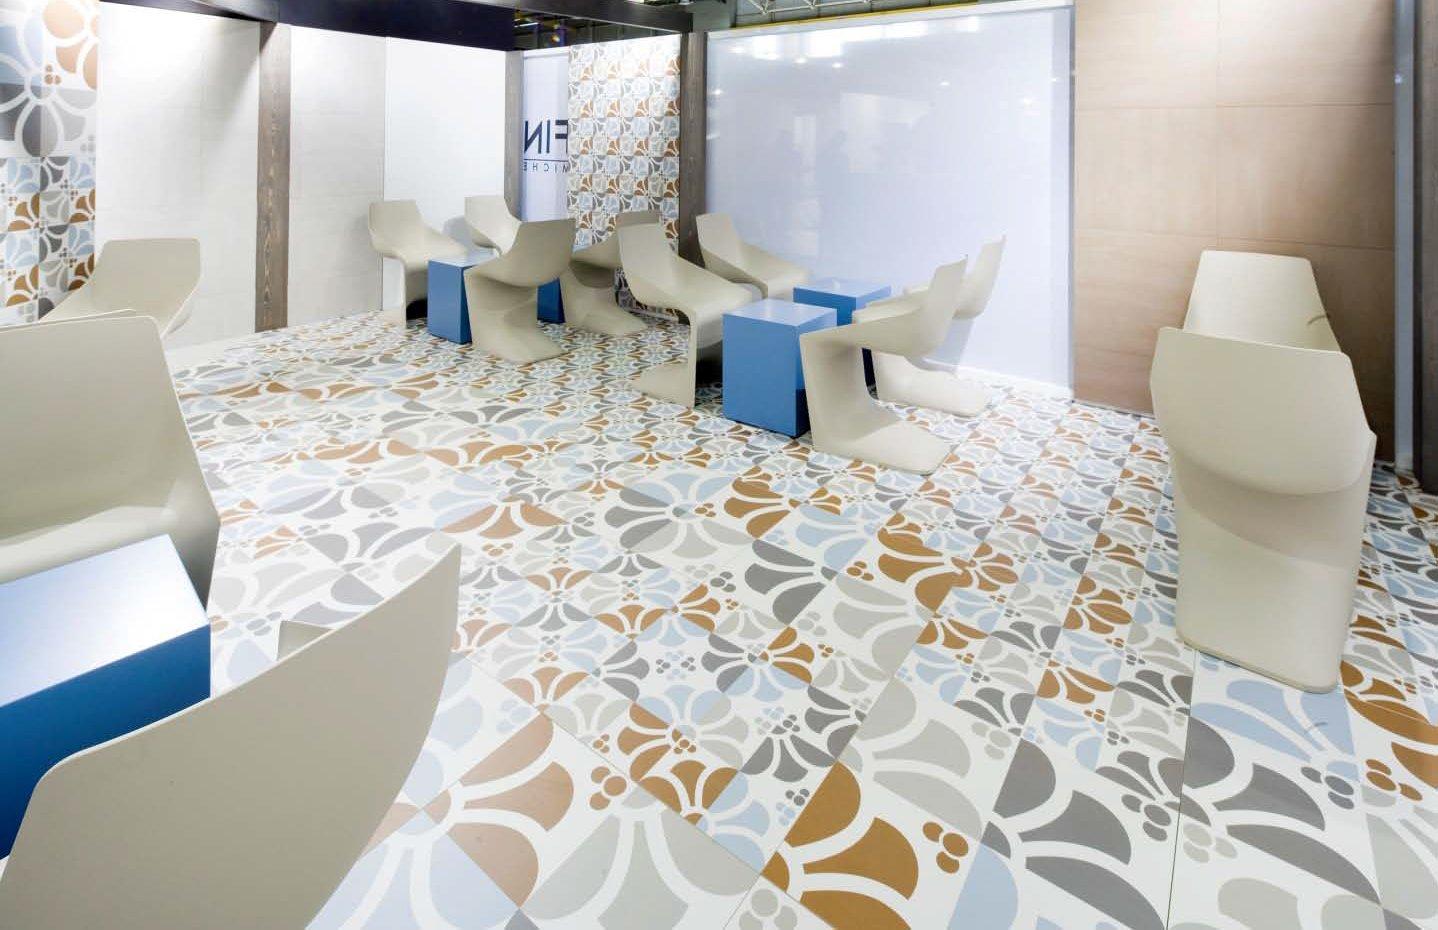 Open spaces design